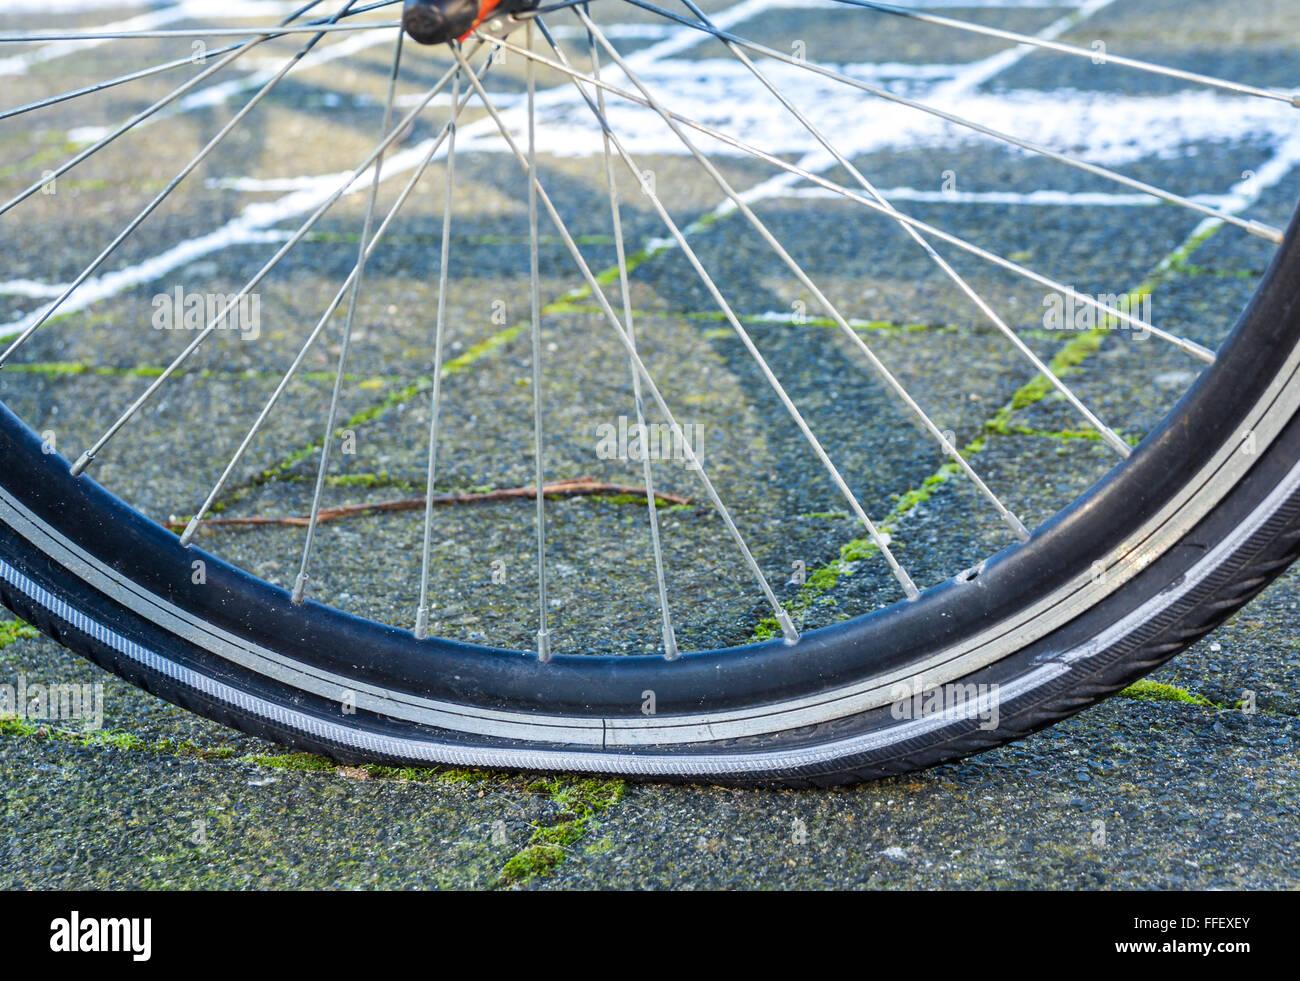 Ein Rad mit einem Platten Reifen Stockbild